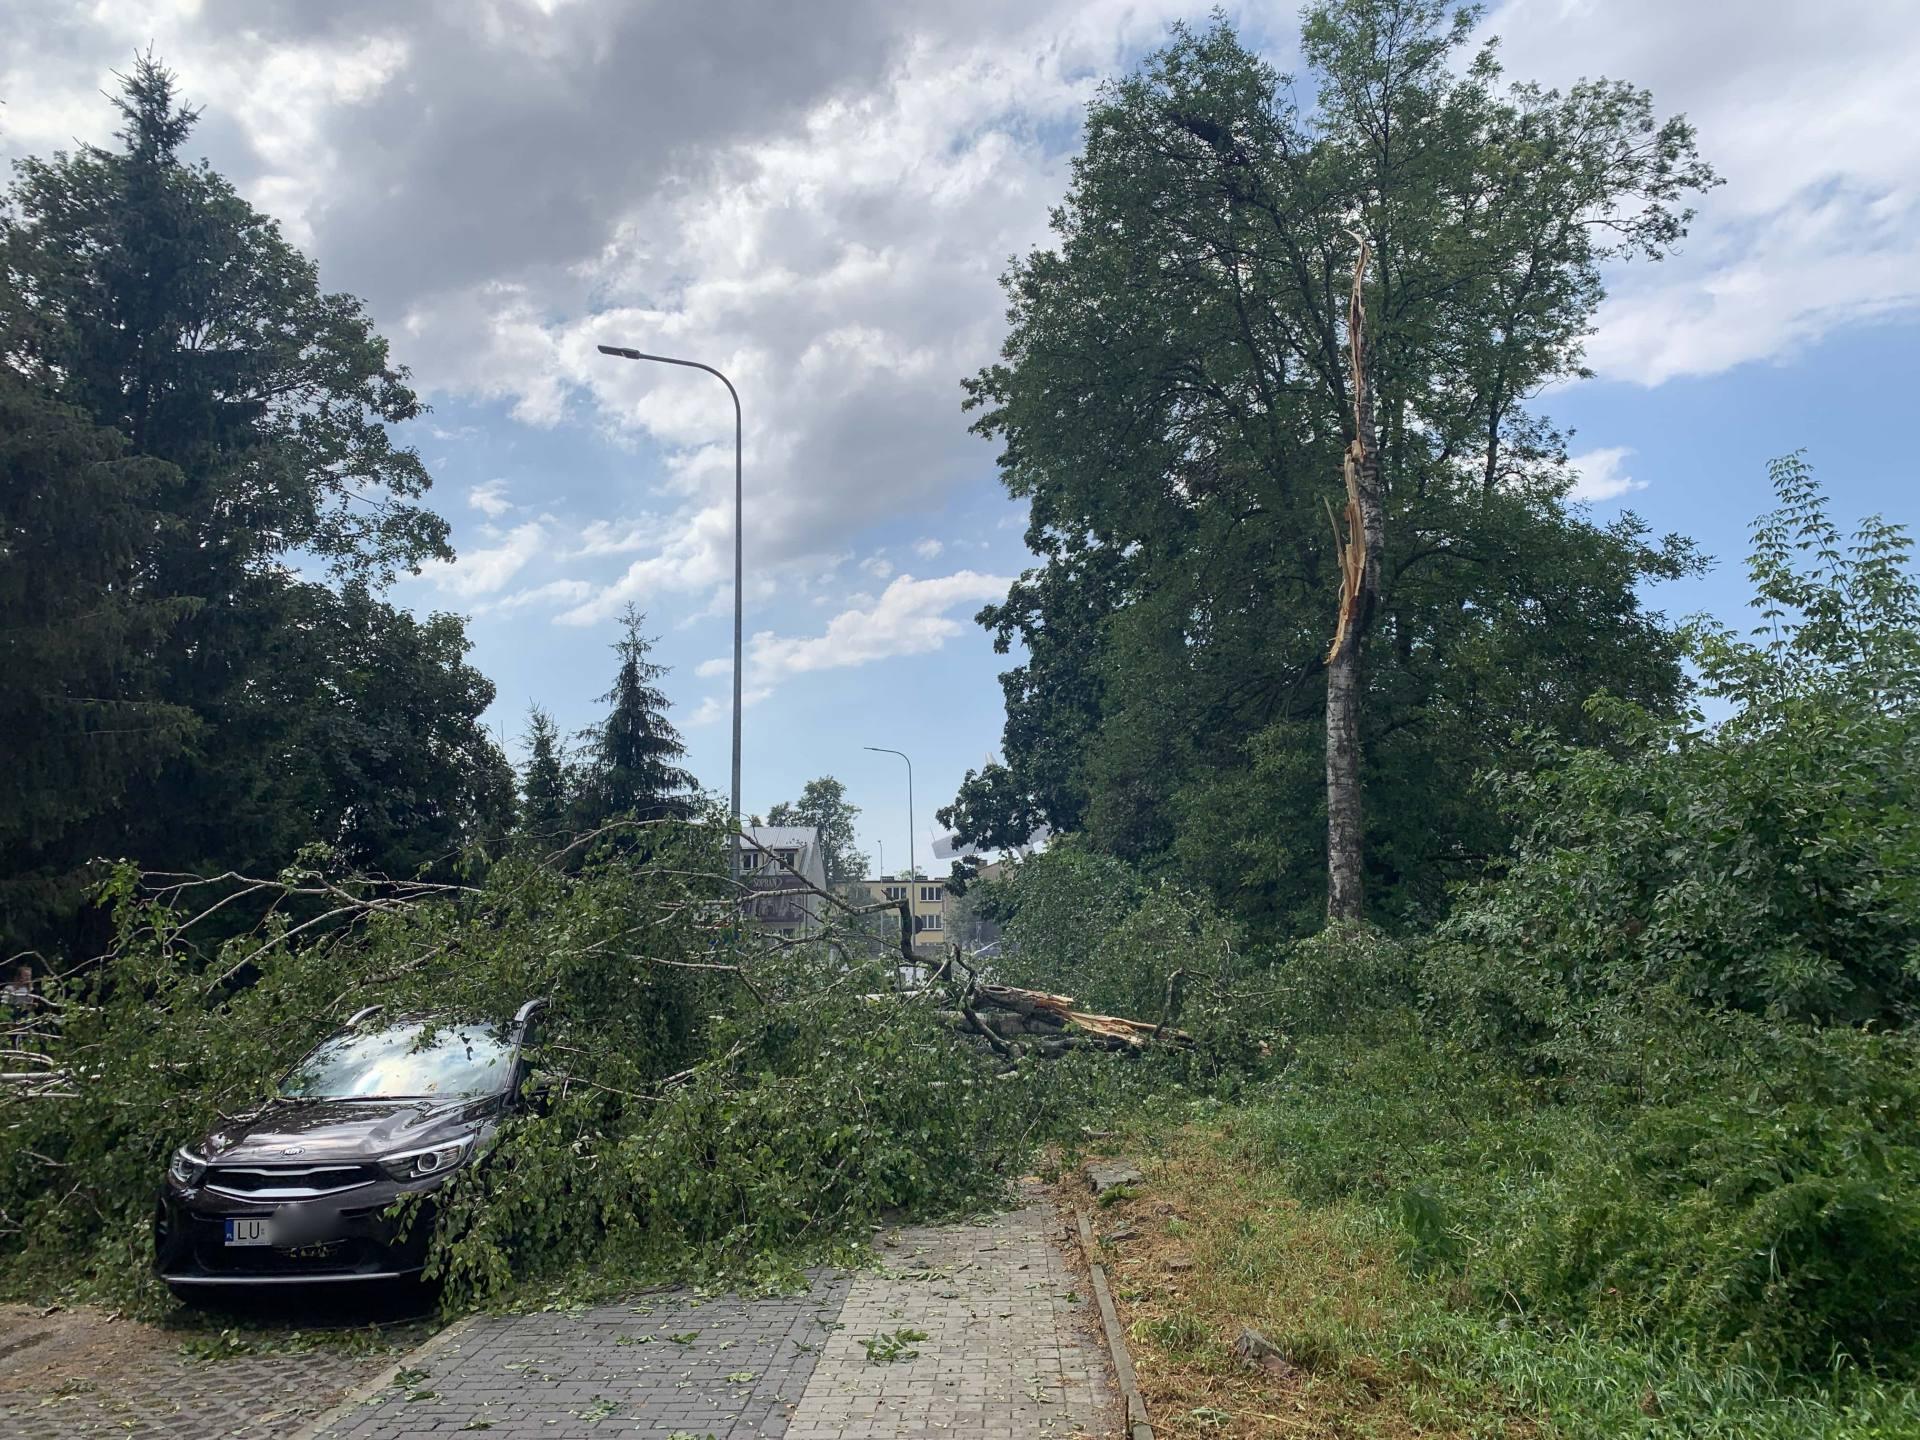 img 0966 Zerwane dachy, połamane drzewa, uszkodzone samochody. Straty po burzy, która przeszła nad Zamojszczyzną